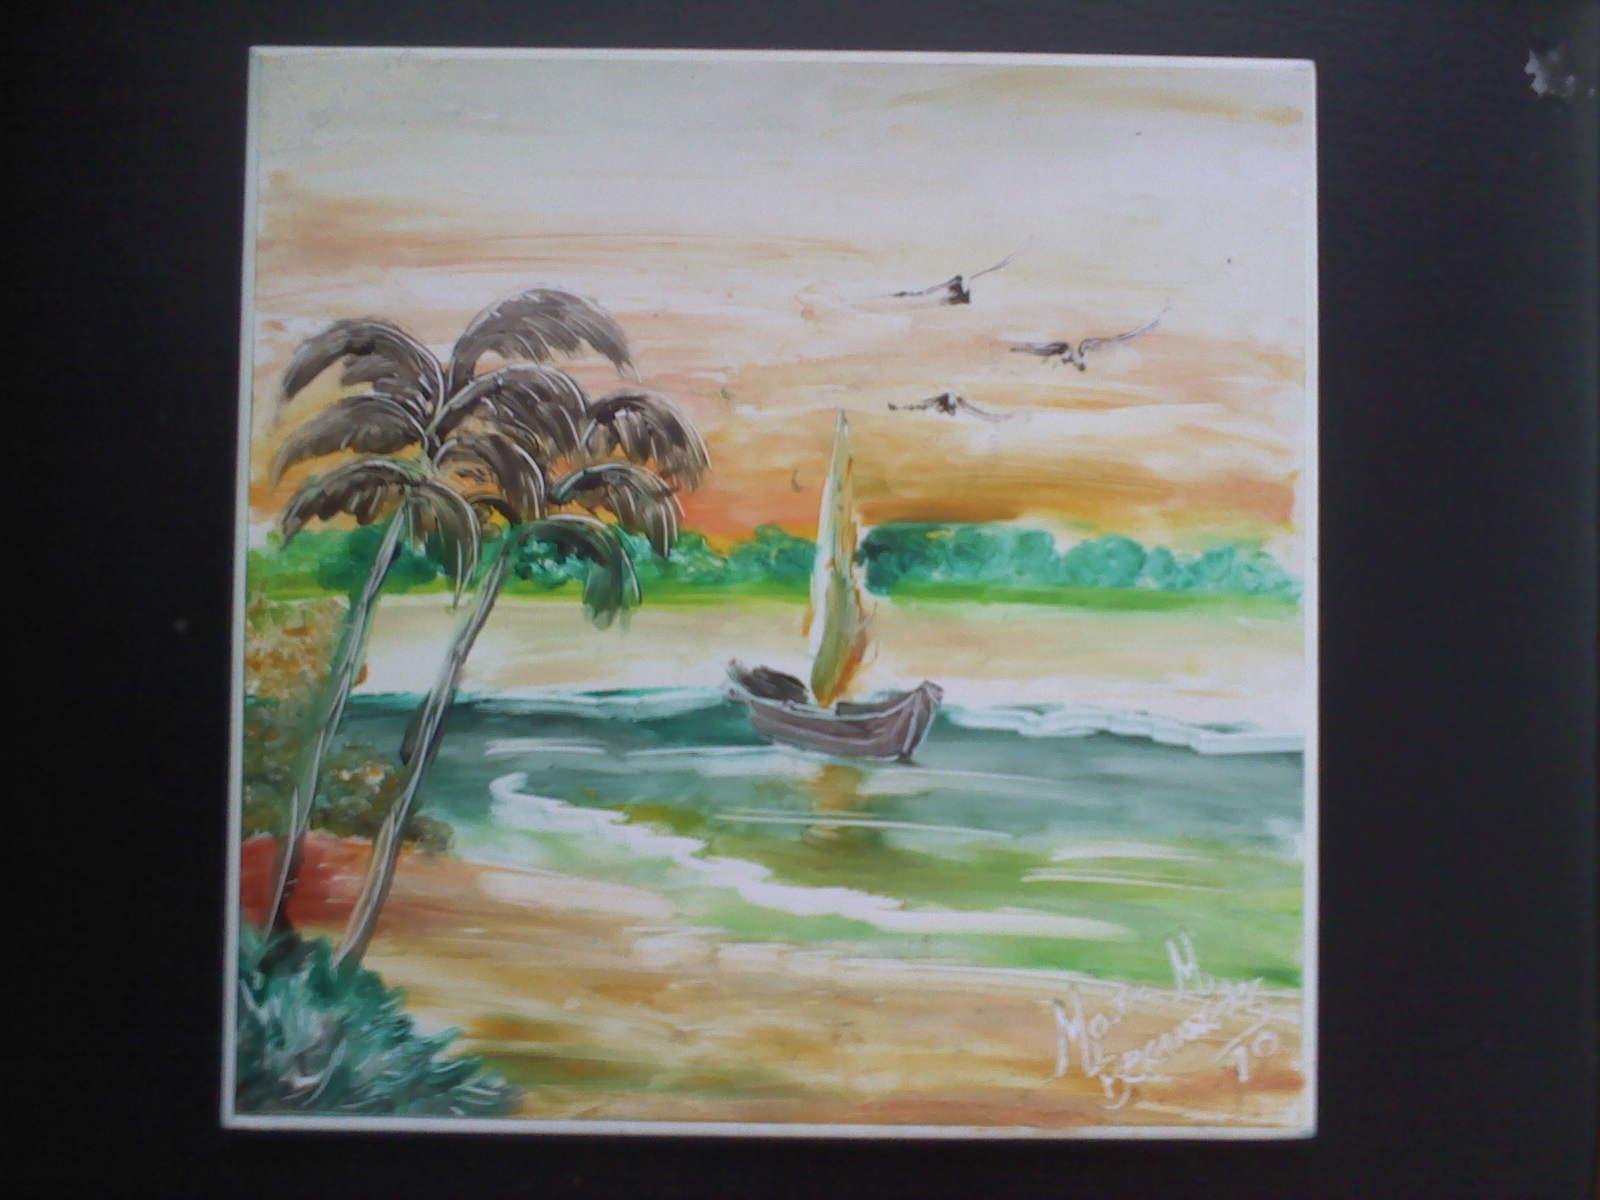 Pintura dedo em azulejo mara maria gomes bernardes - Pintura de azulejos ...